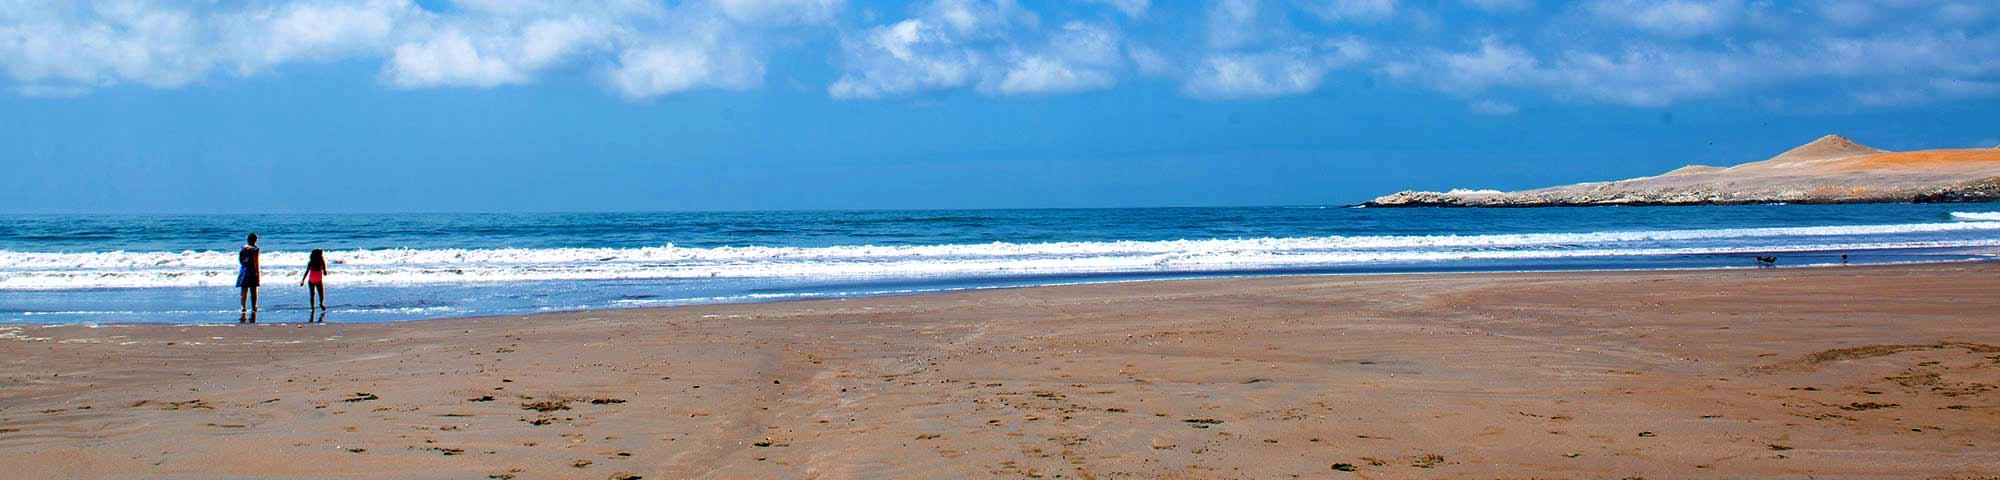 Playa Pozo de Lisas